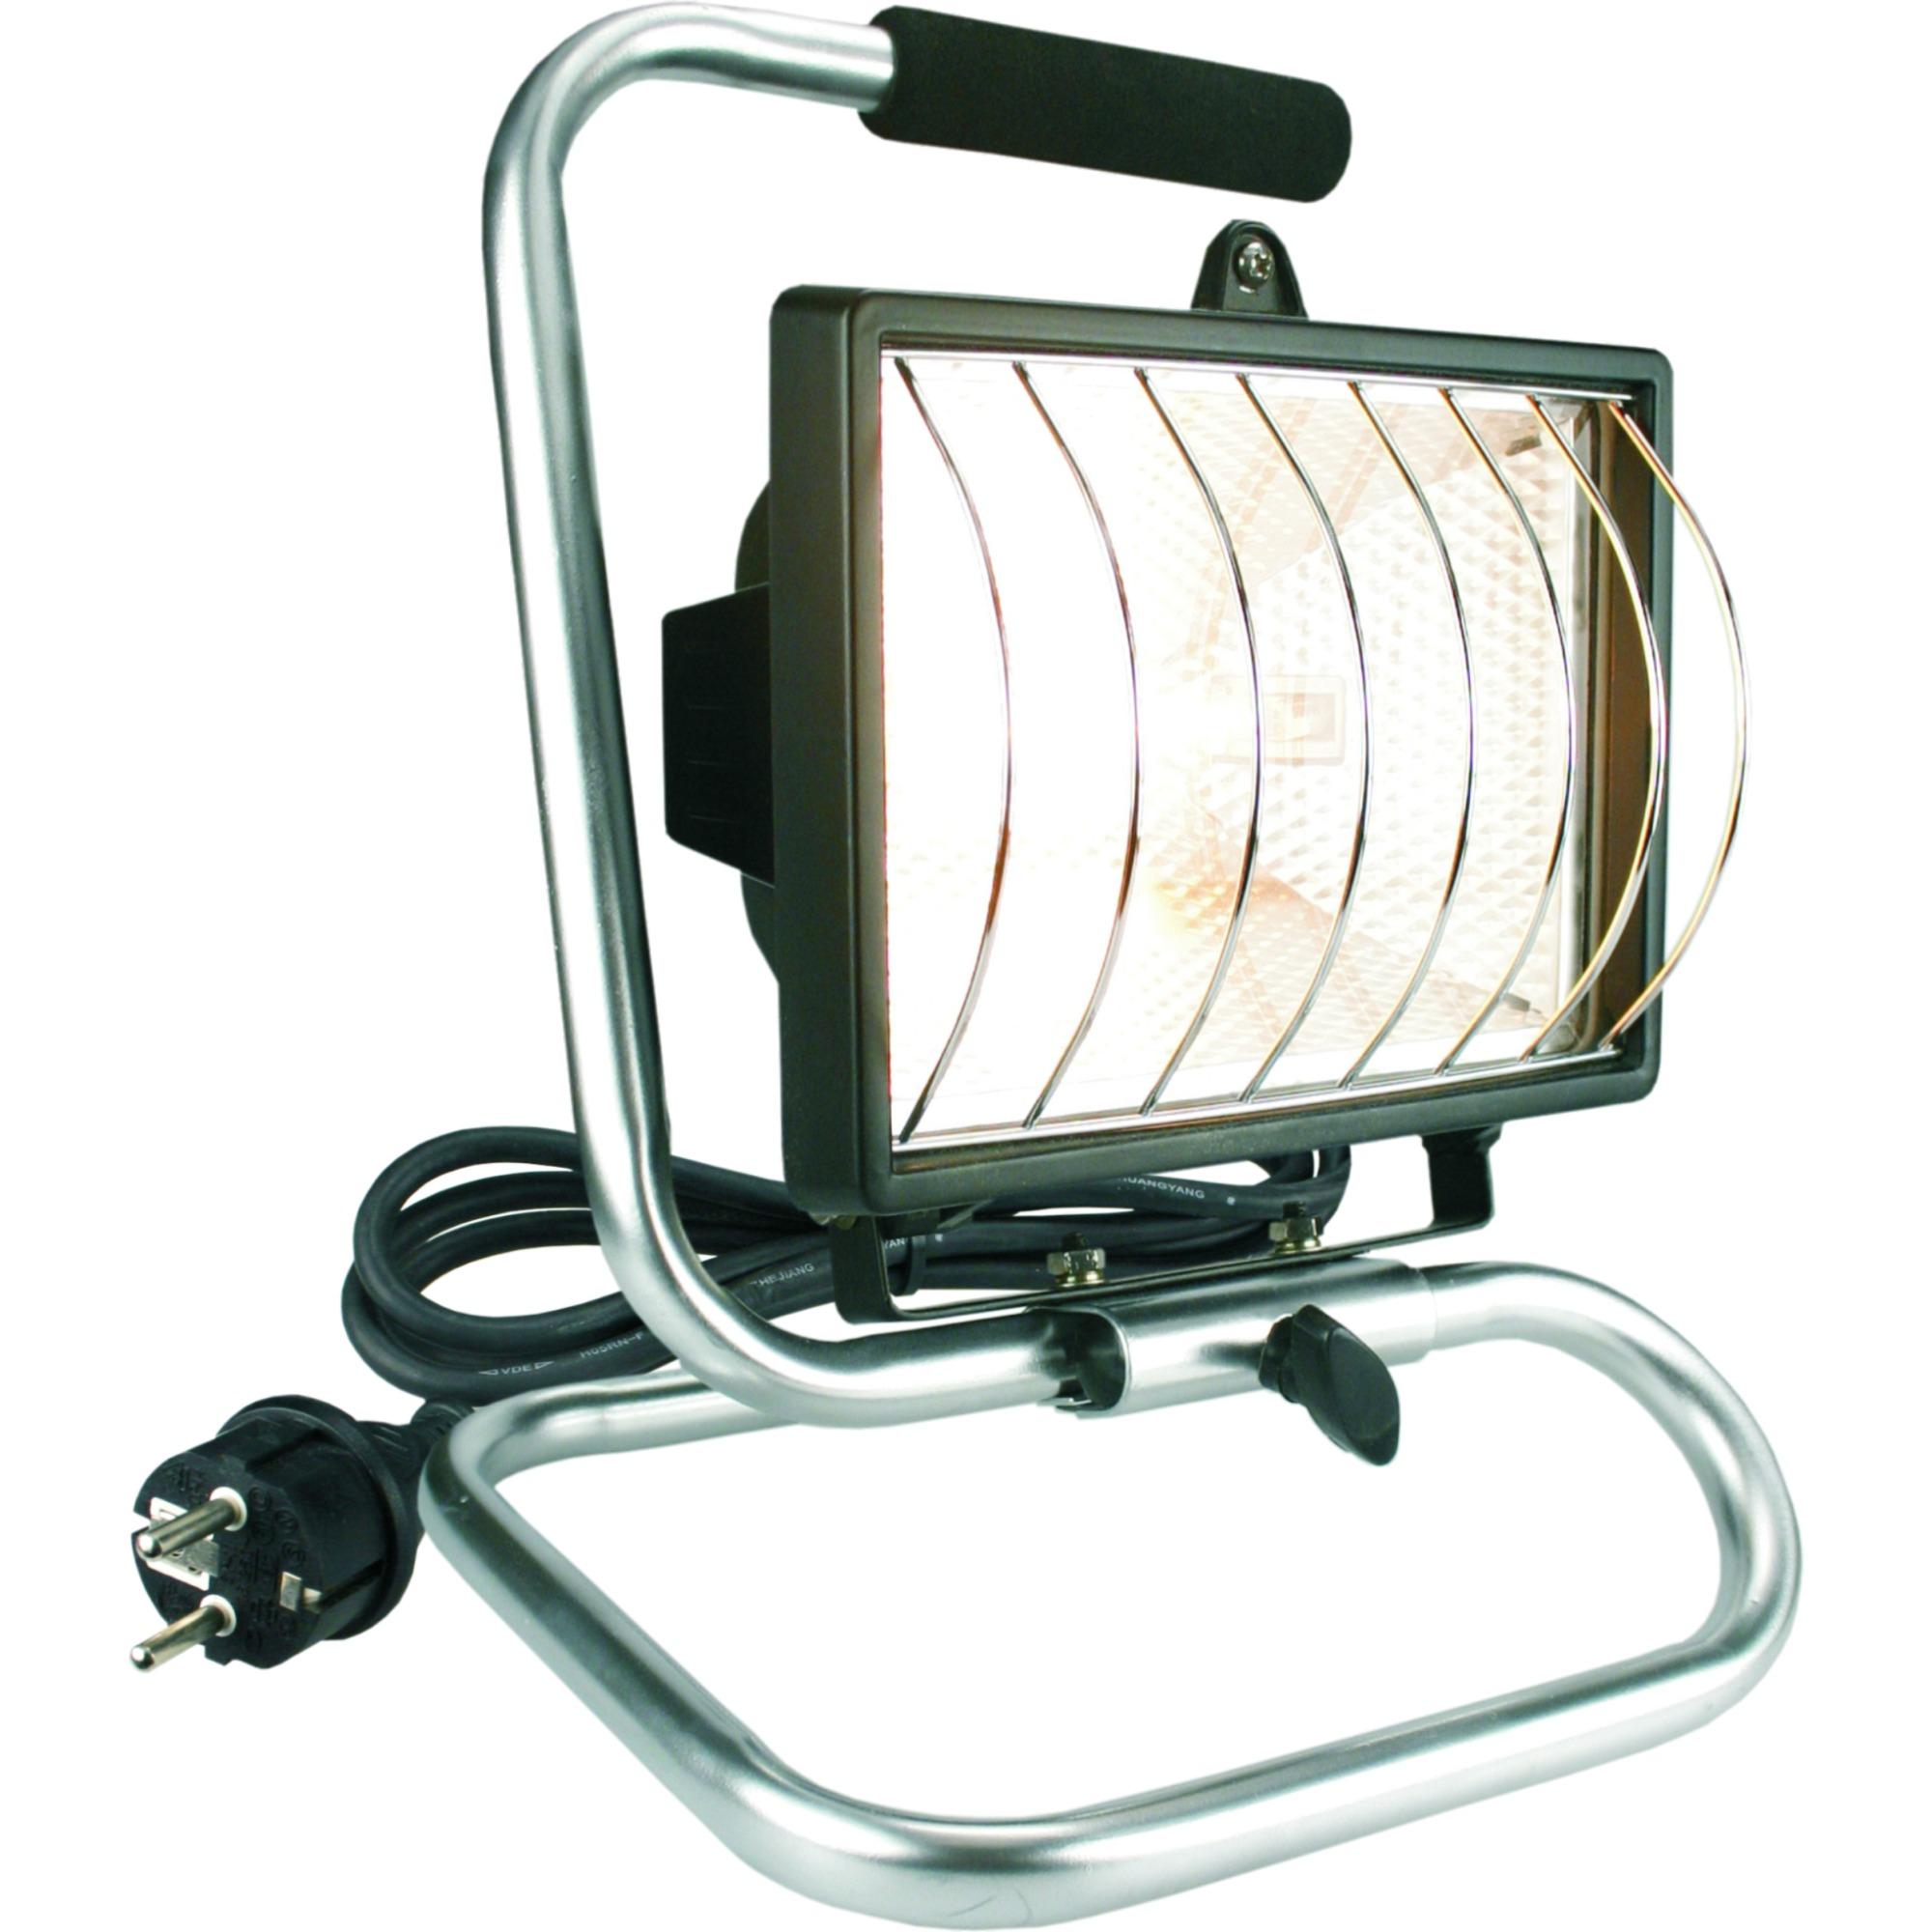 projecteur sur pied elro ampoule halog ne 400w projecteurs lampes de travail clairage. Black Bedroom Furniture Sets. Home Design Ideas